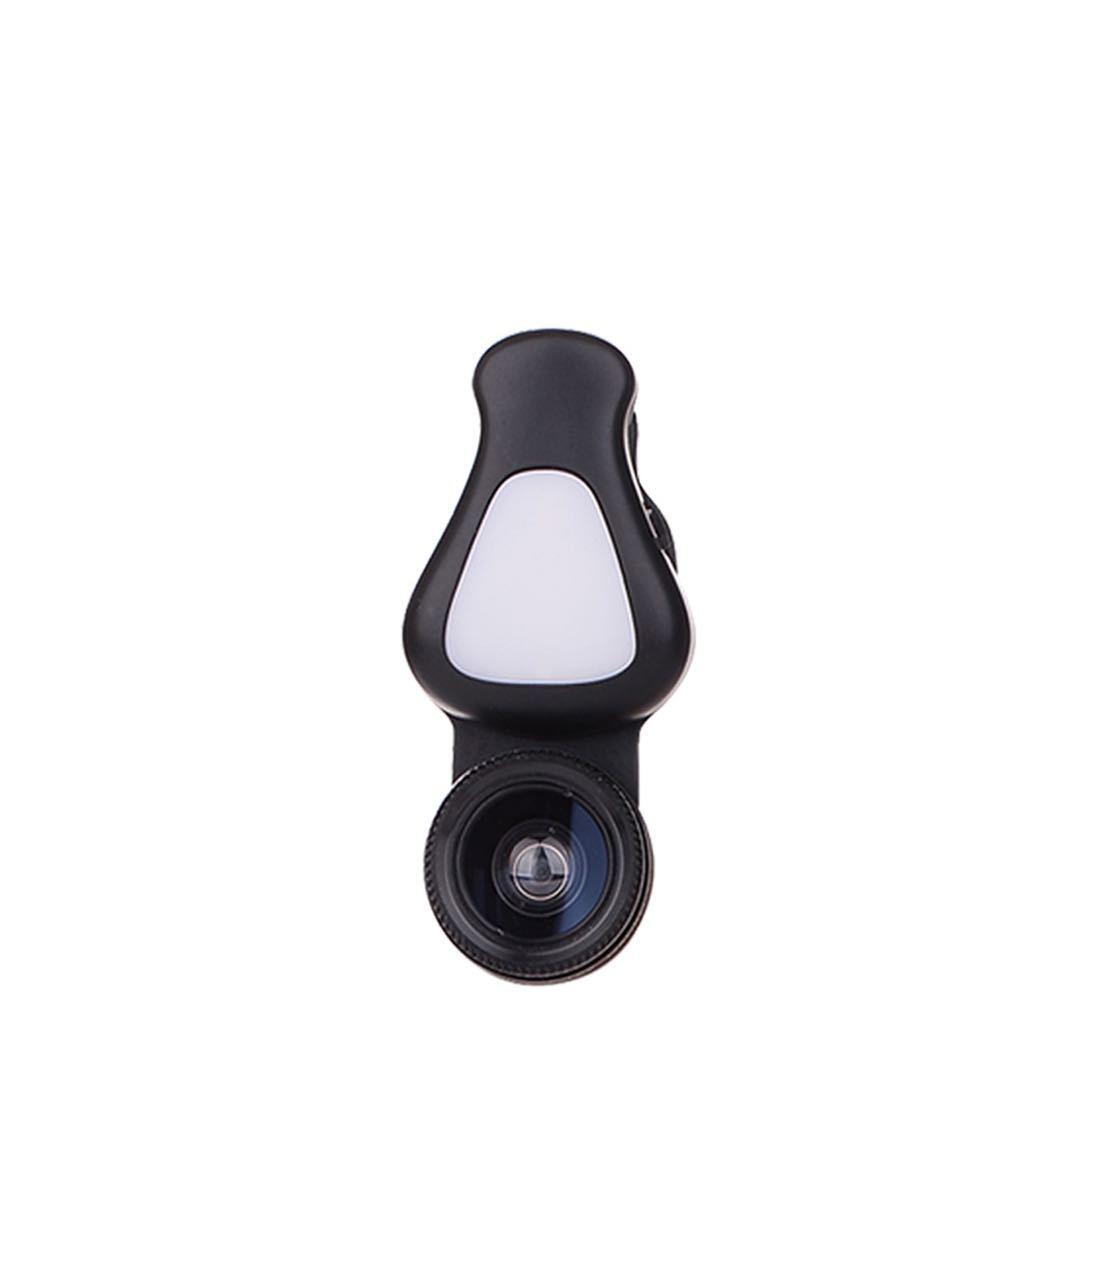 Silver - Macmerise Selfie Lens